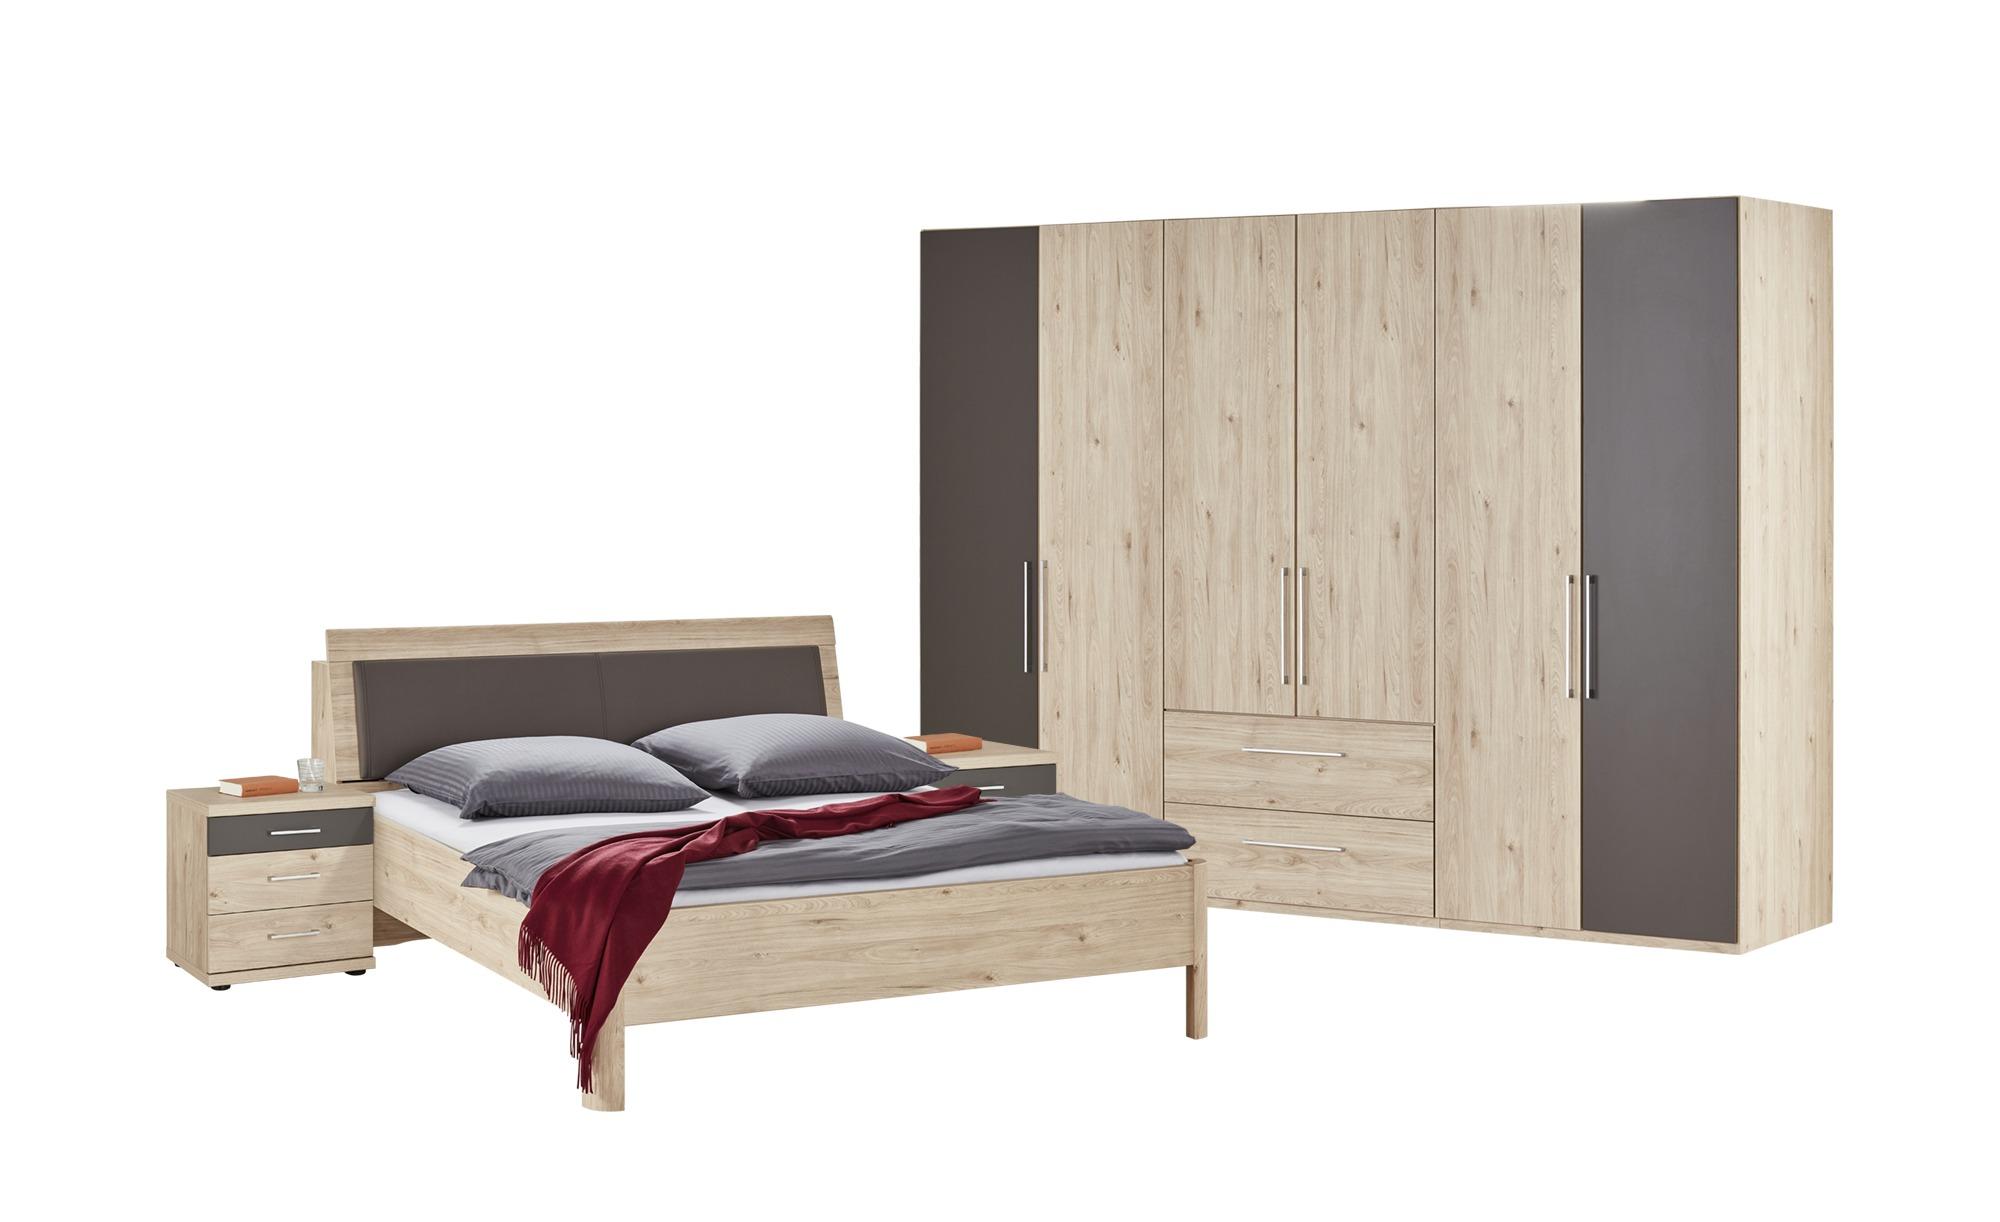 Uno Schlafzimmer Grenada In 2020 Komplettes Schlafzimmer Schoner Wohnen Schlafzimmer Holzfarben